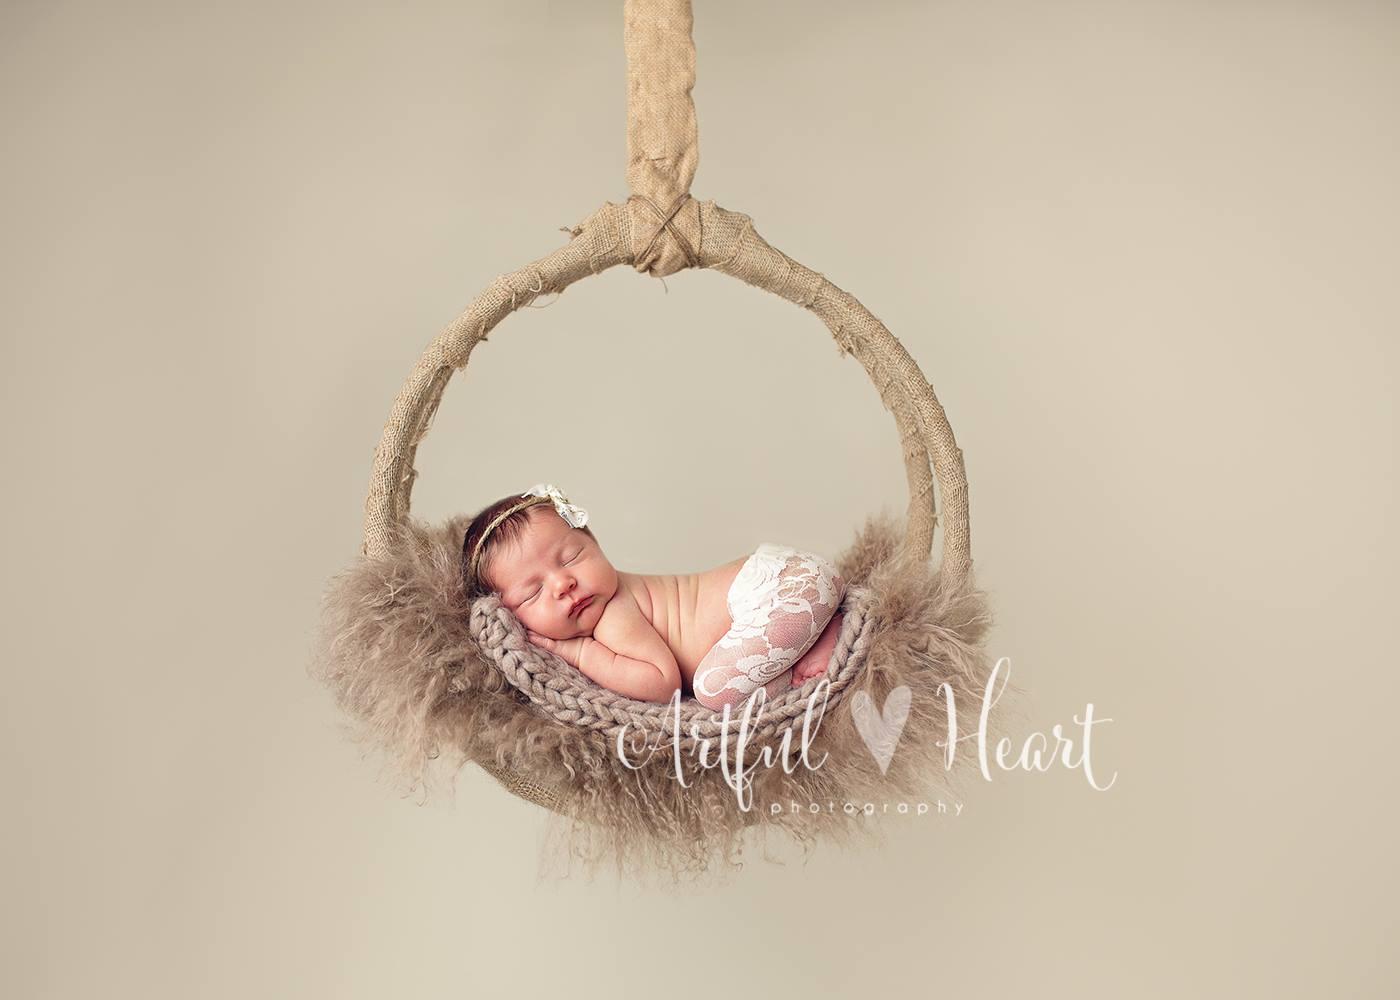 Artful-Heart-Photography